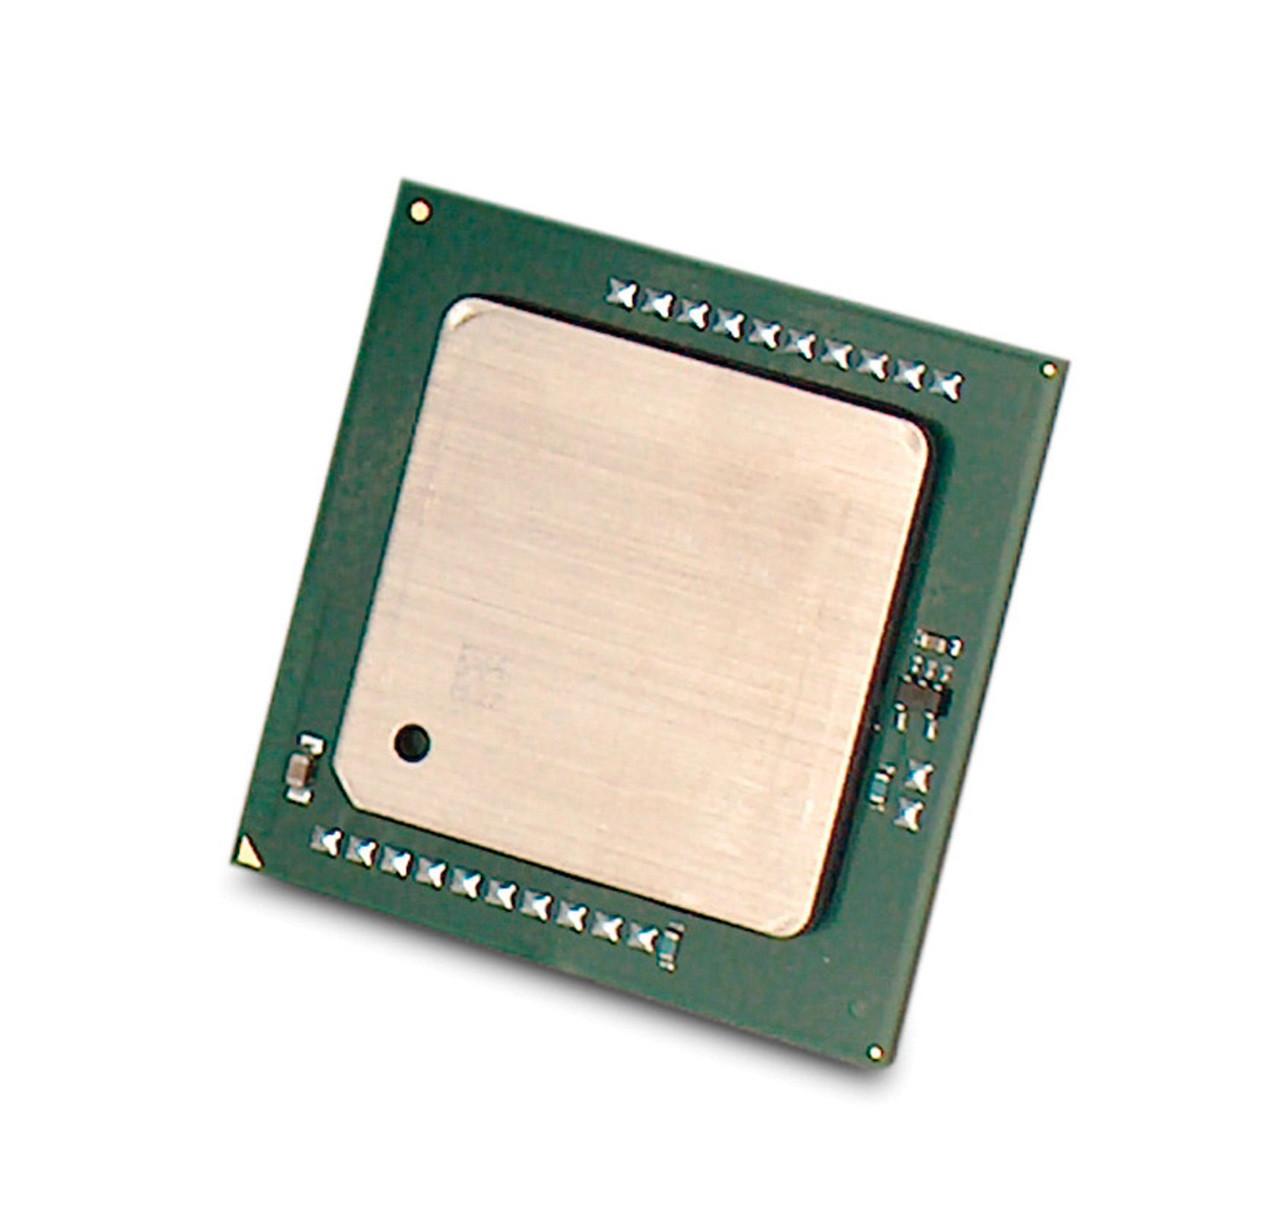 HPE DL380 Gen10 6132 Xeon-G Kit